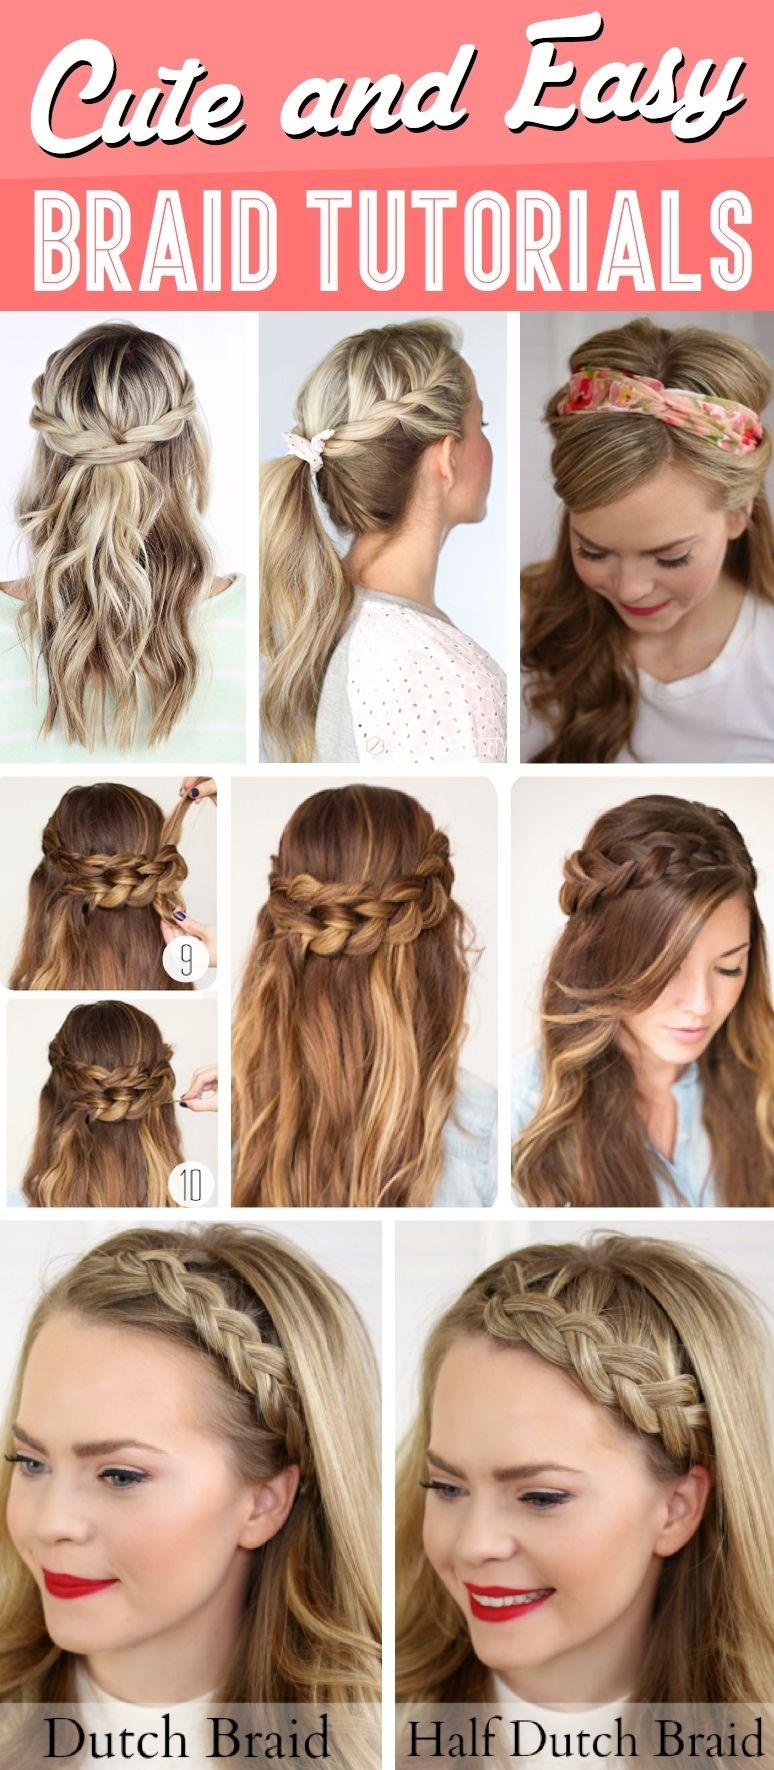 Easy Diy Hairstyles For Beginners The Easy Diy Hairstyles For Beginners Could Become Your Reference When Devel Easy Braids Braids Tutorial Easy Easy Hairstyles